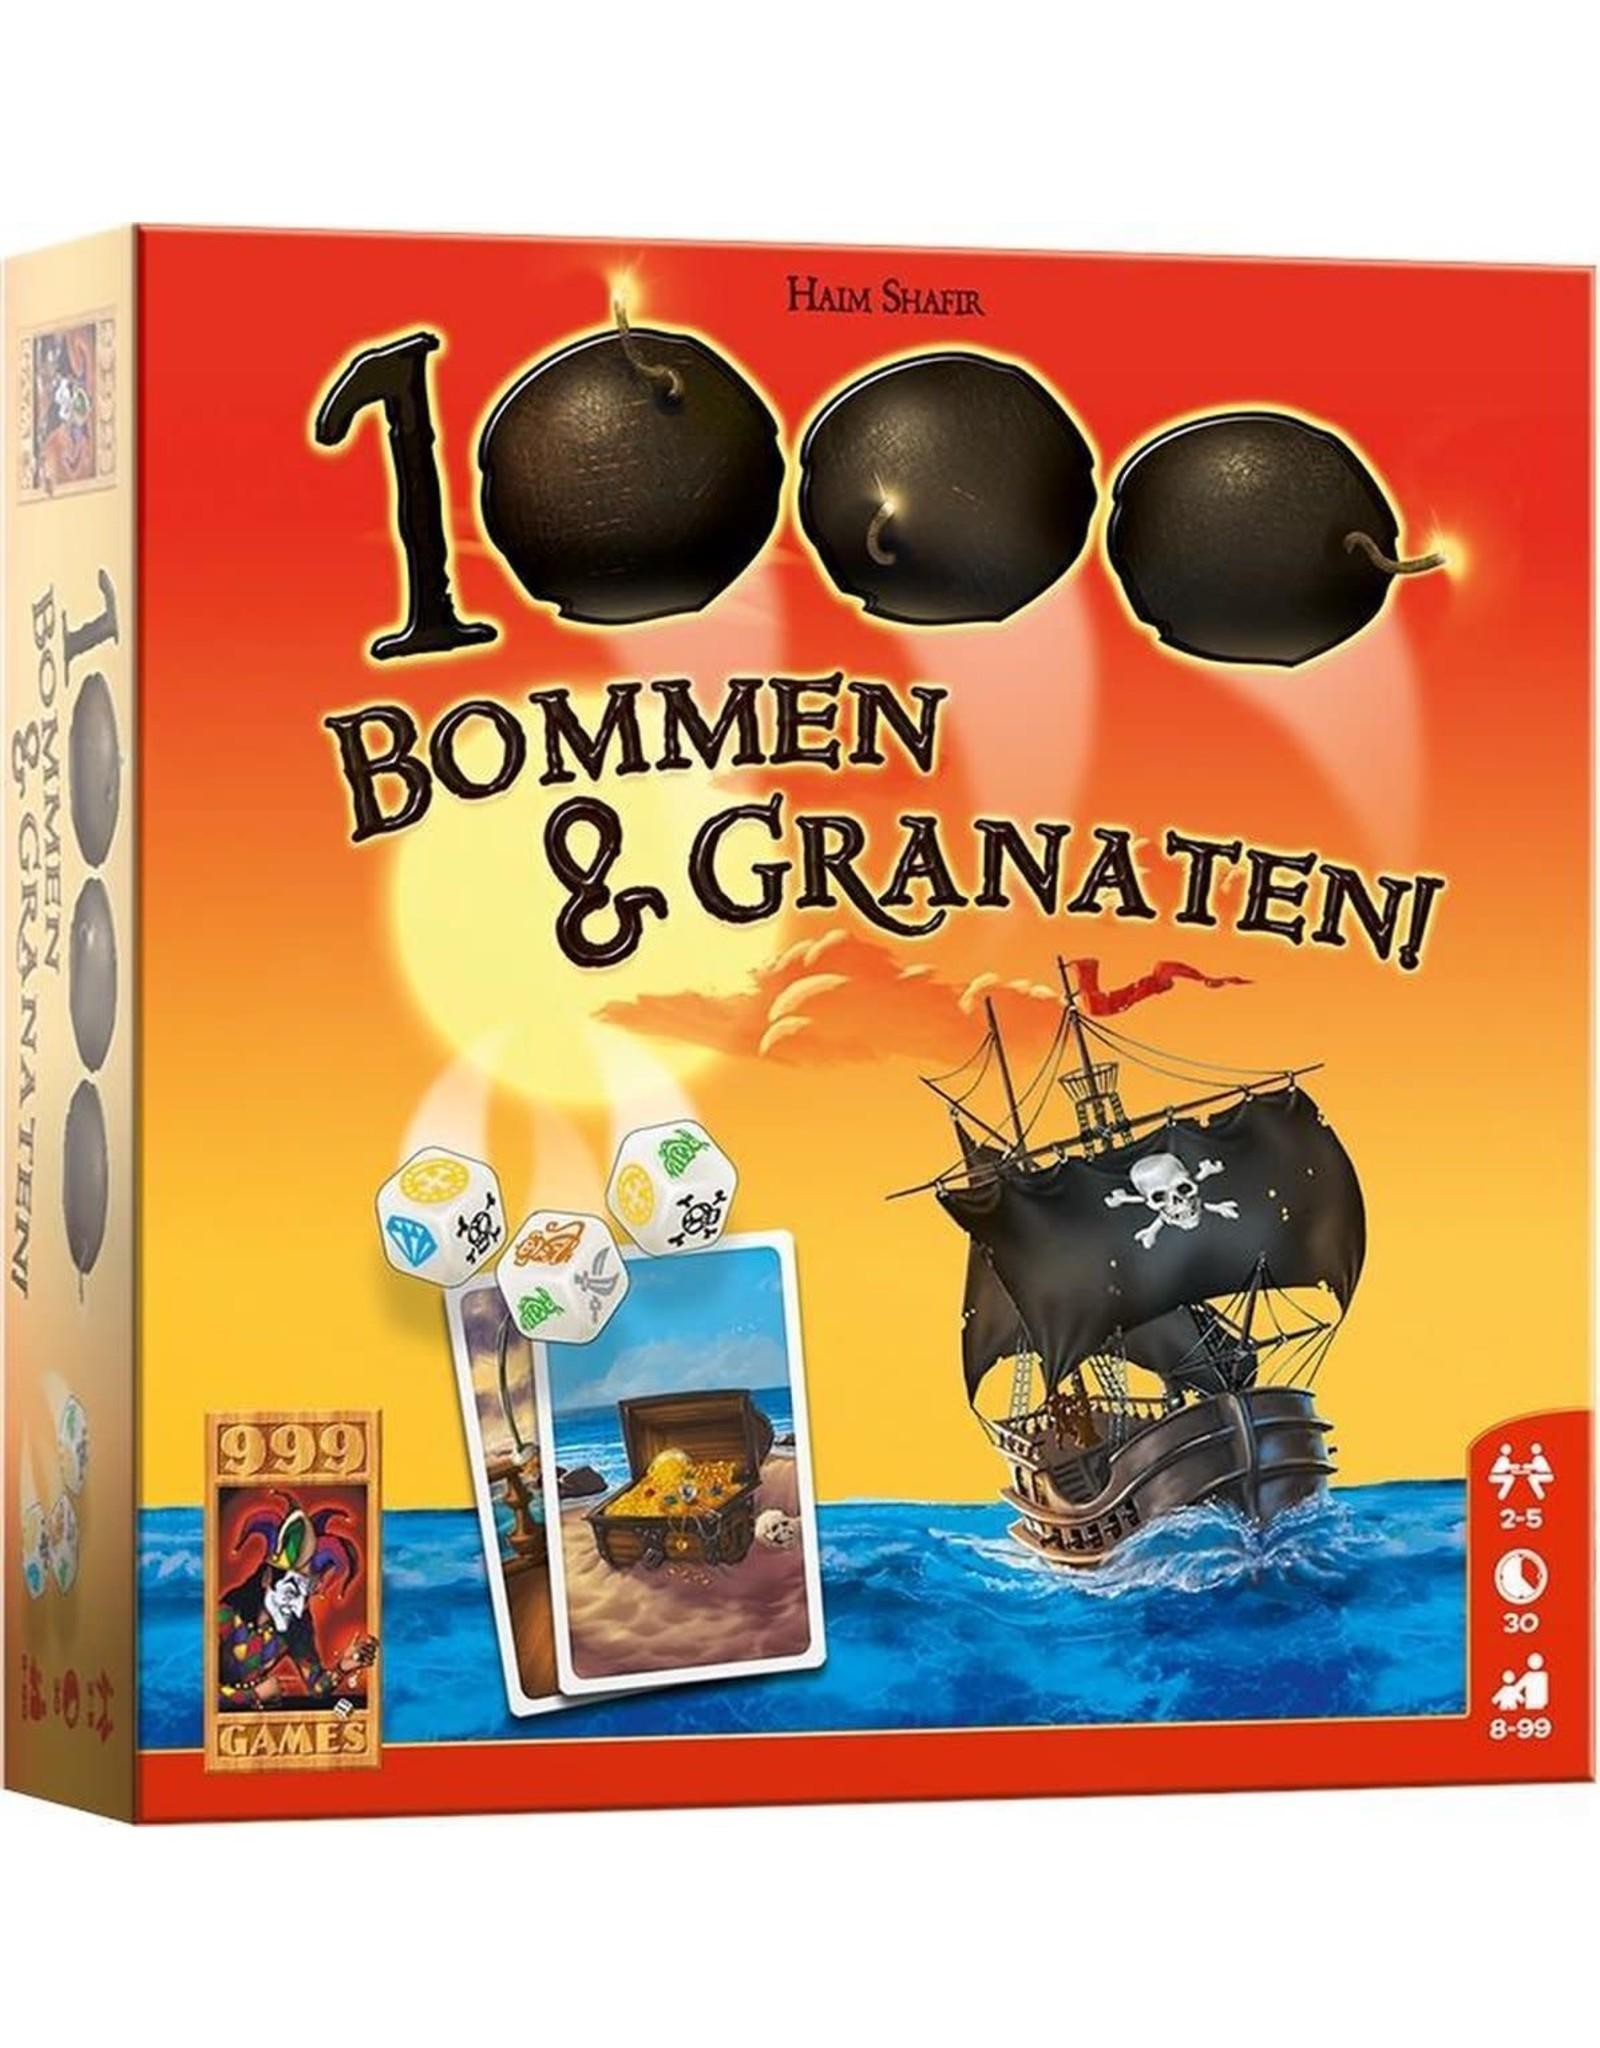 999 GAMES 1000 Bommen & Granaten! Dobbelspel